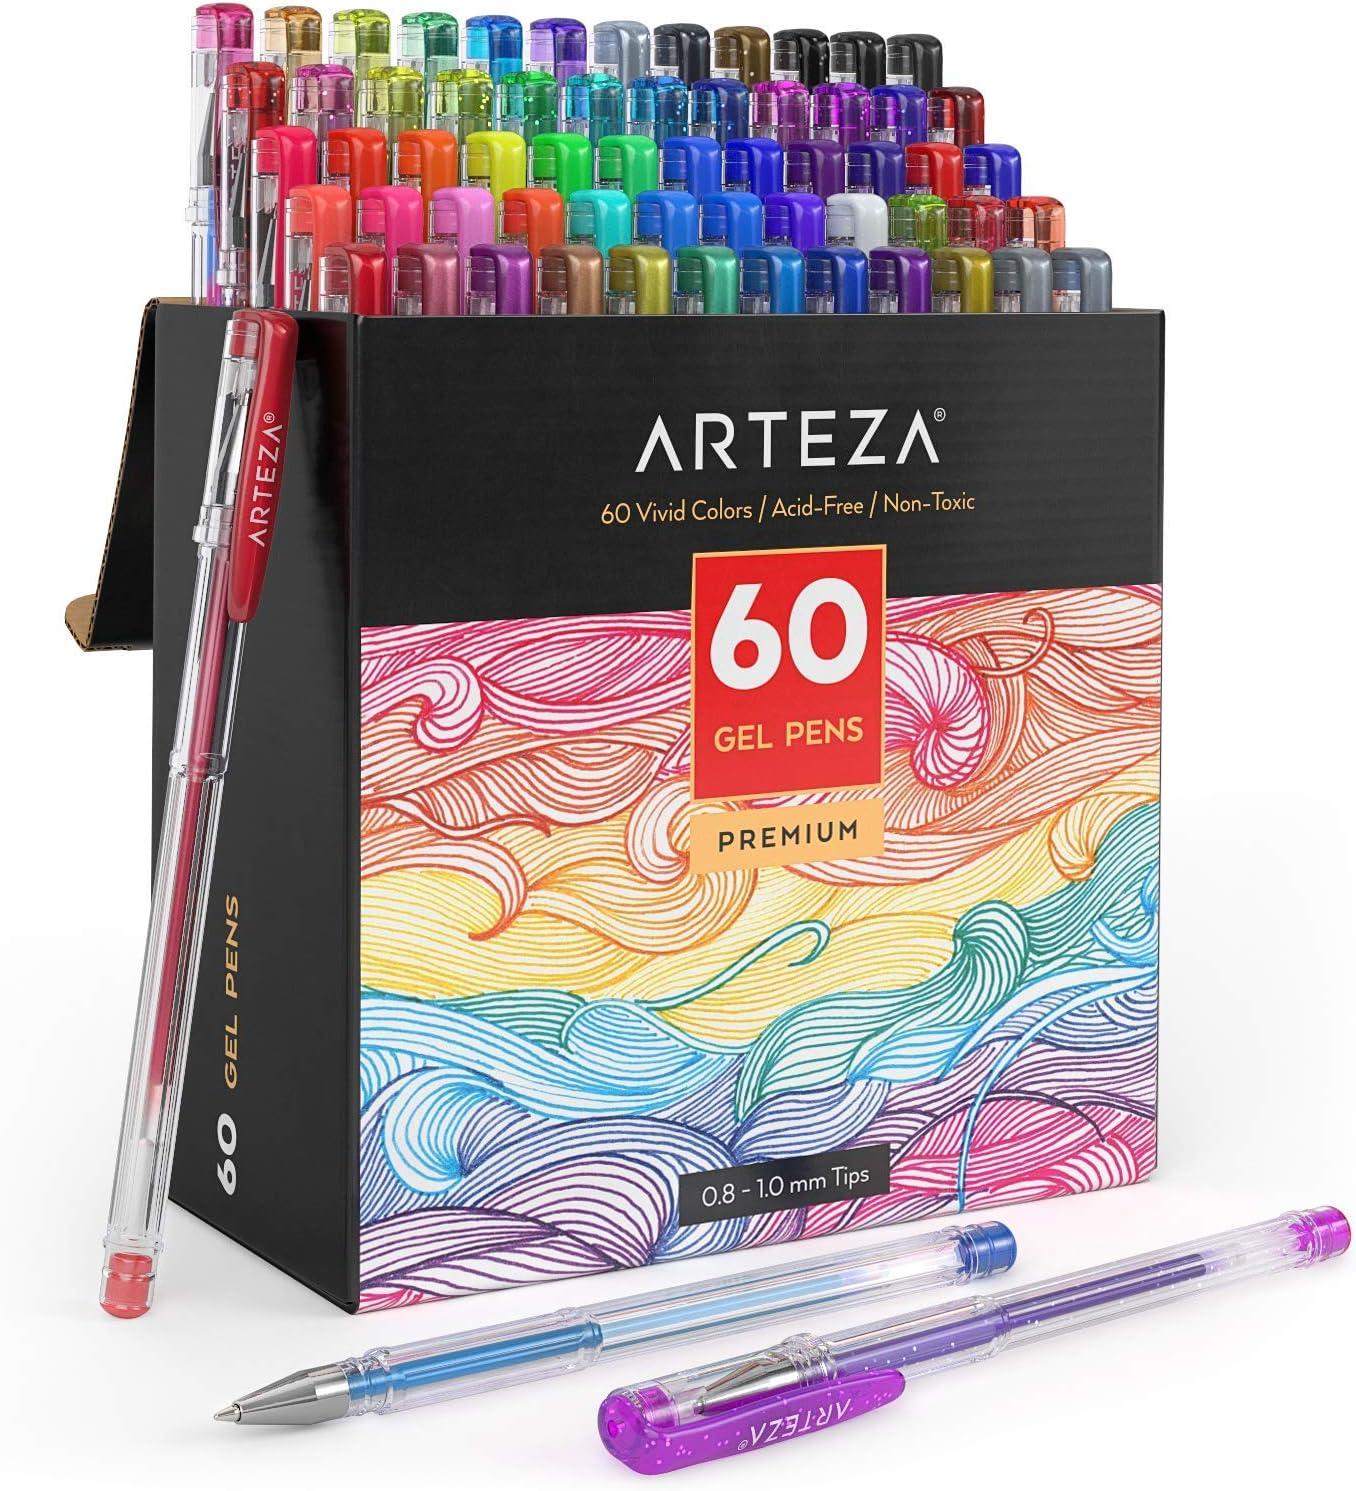 Arteza Pack de bolígrafos de gel | 60 colores individuales | Tinta de gel no tóxica y sin ácido | 7 Colores clásicos | 9 Pastel | 6 Rainbow | 6 Neón | 10 Metálicos | 12 Purpurina | 10 fluorescentes: Amazon.es: Oficina y papelería